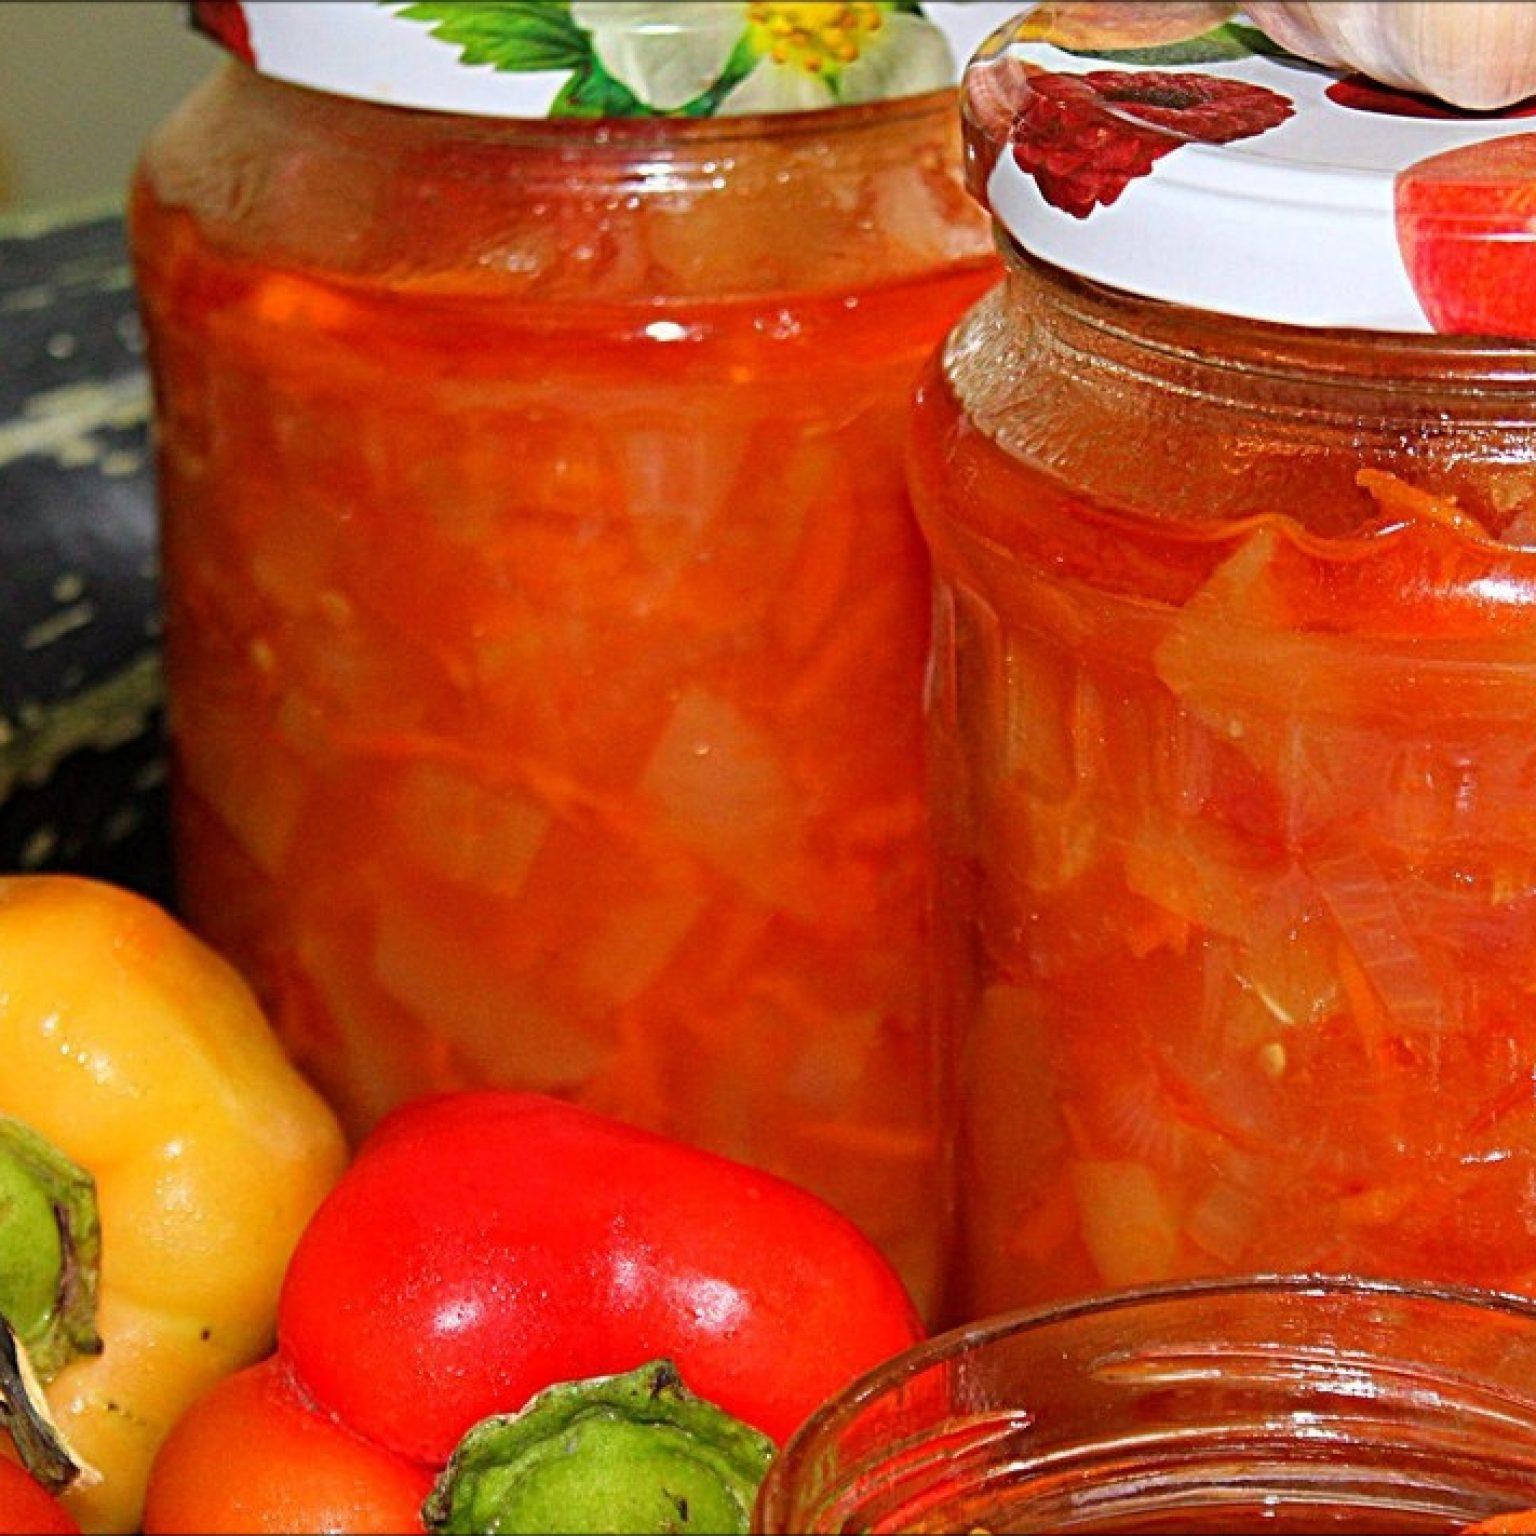 Как приготовить закуску из кабачков с томатной пастой «Анкл Бенс» на зиму, простые рецепты пальчики оближешь